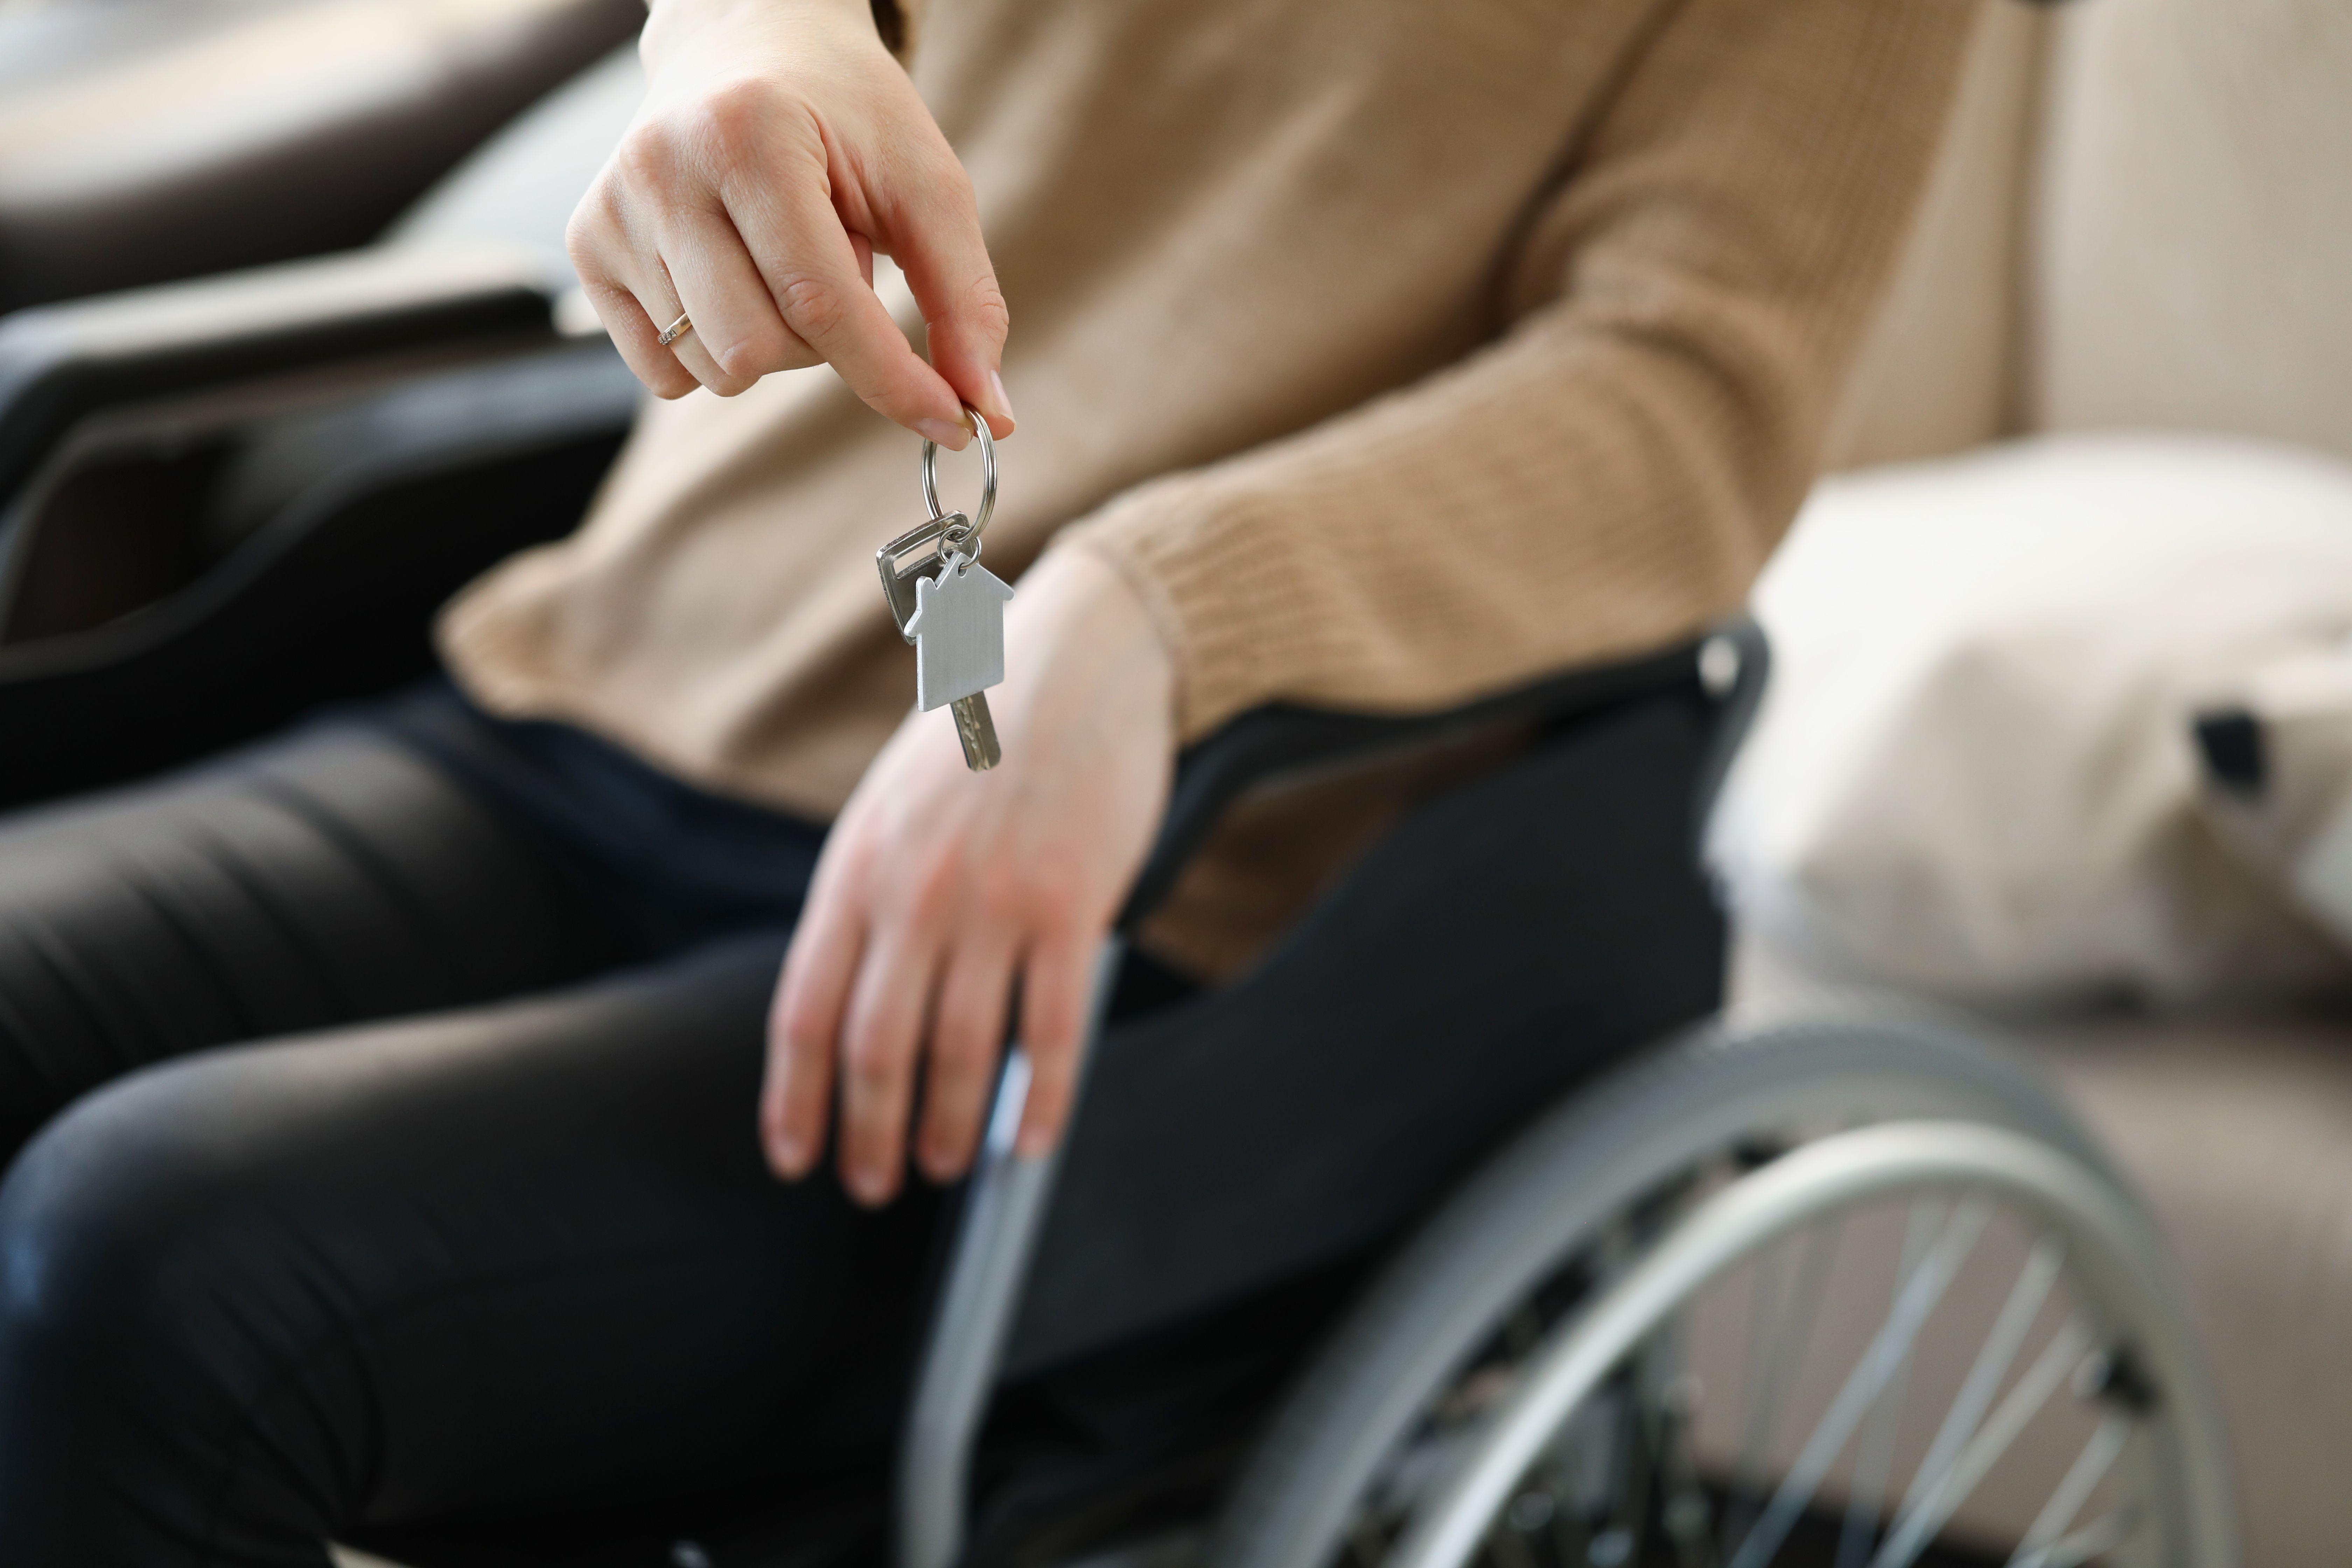 Jente i rullestol som holder et nøkkelknippe.